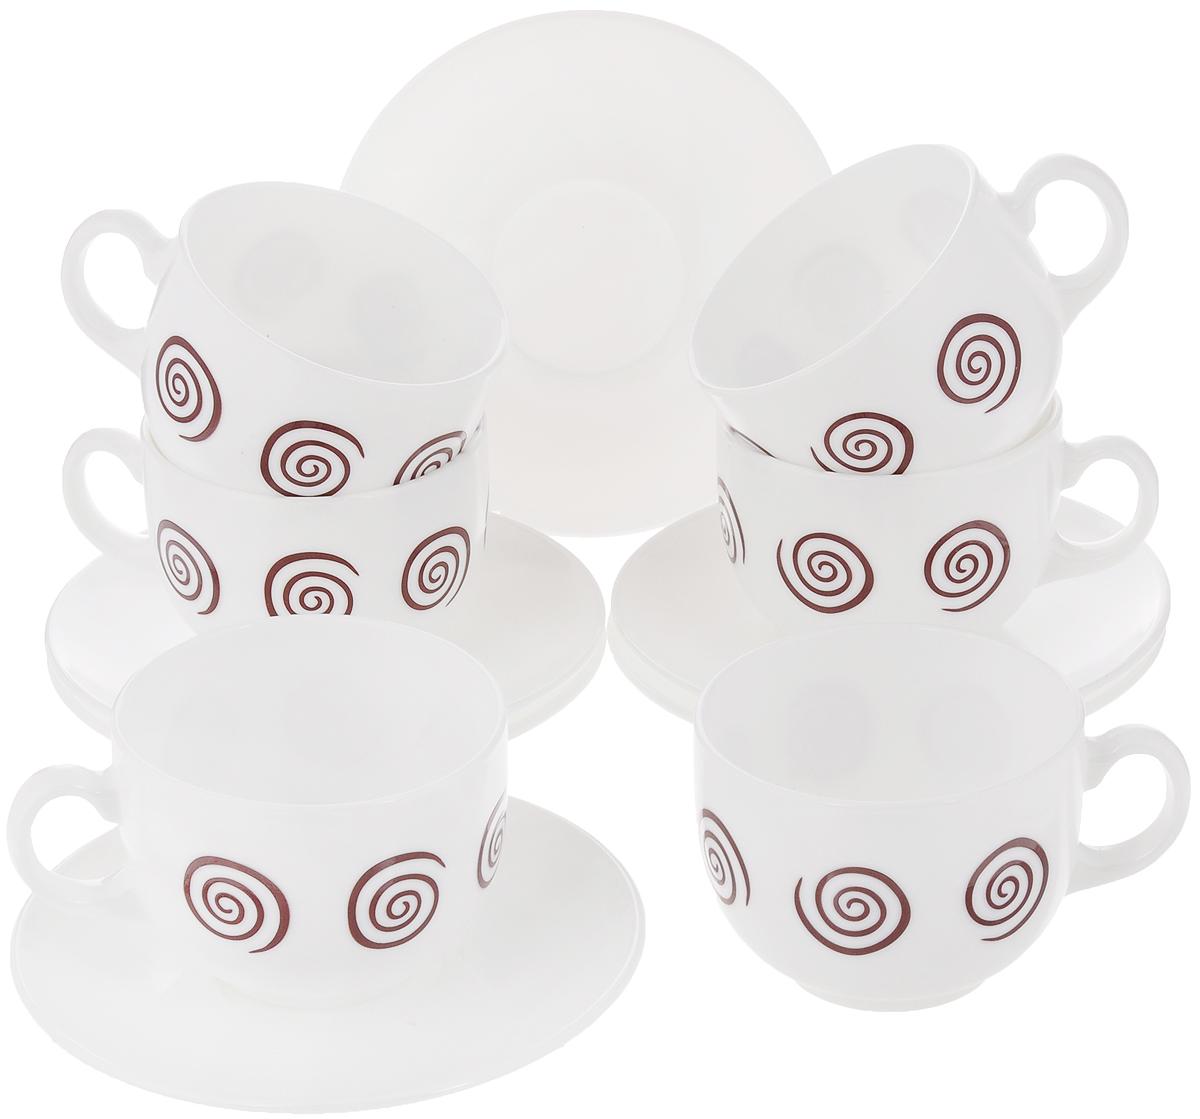 Набор чайный Luminarc Sirocco Brown, 12 предметовG4126Чайный набор Luminarc Sirocco Brown состоит из 6 чашек и 6 блюдец. Изделия, выполненные из высококачественного ударопрочного стекла, имеют элегантный дизайн с красивым рисунком. Посуда отличается прочностью, гигиеничностью и долгим сроком службы, она устойчива к появлению царапин и резким перепадам температур. Такой набор прекрасно подойдет как для повседневного использования, так и для праздников. Чайный набор Luminarc Sirocco Brown - это не только яркий и полезный подарок для родных и близких, это также великолепное дизайнерское решение для вашей кухни или столовой. Объем чашки: 220 мл. Диаметр чашки (по верхнему краю): 8 см. Высота чашки: 6,5 см. Диаметр блюдца: 13 см.